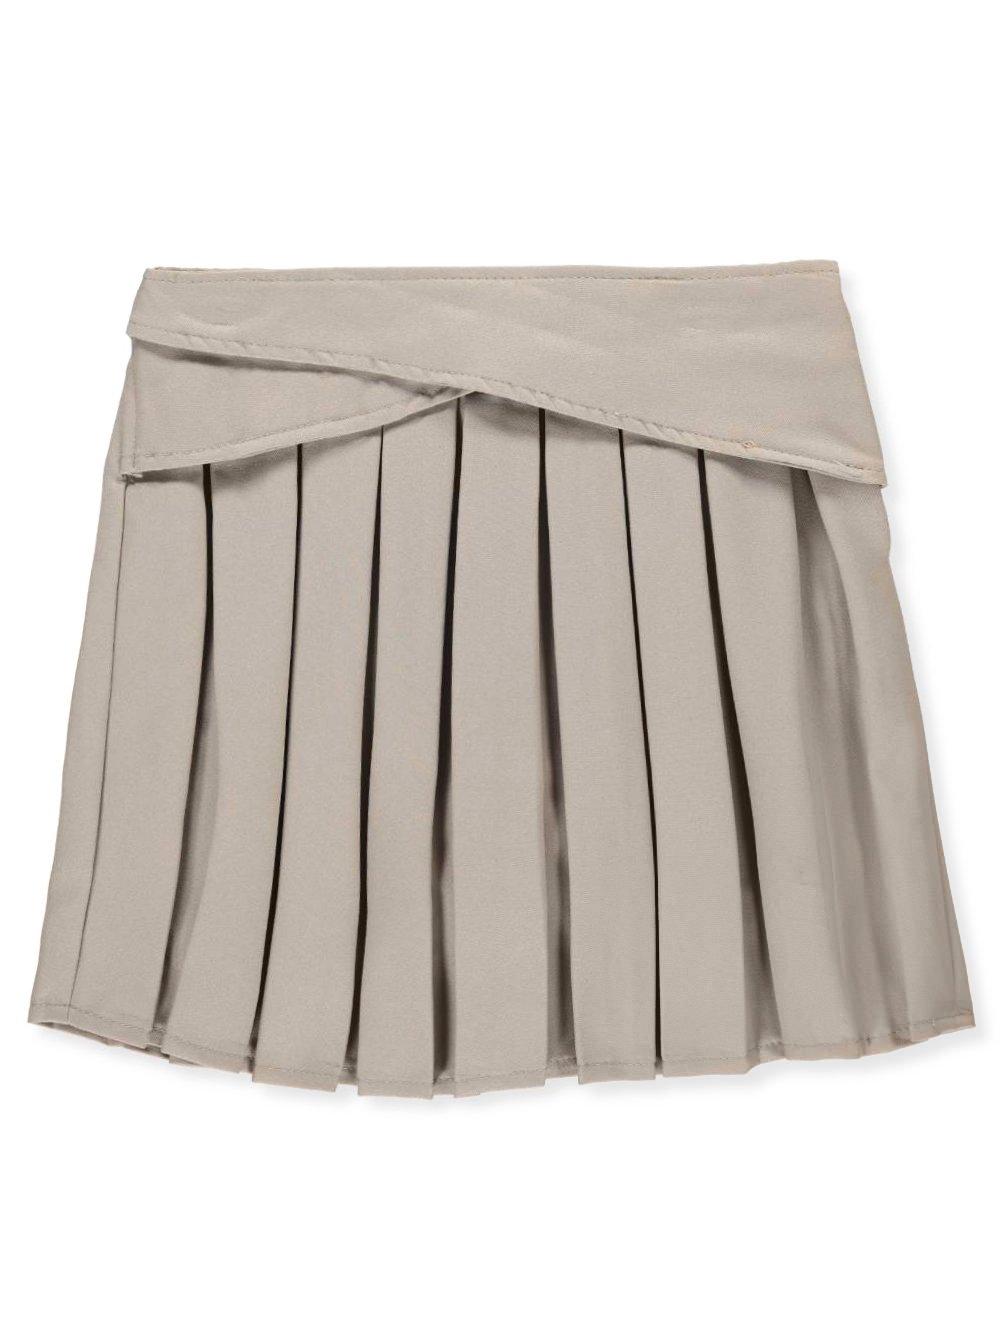 U.S. Polo Assn.. Big Girls' Scooter Skirt - Khaki, 7